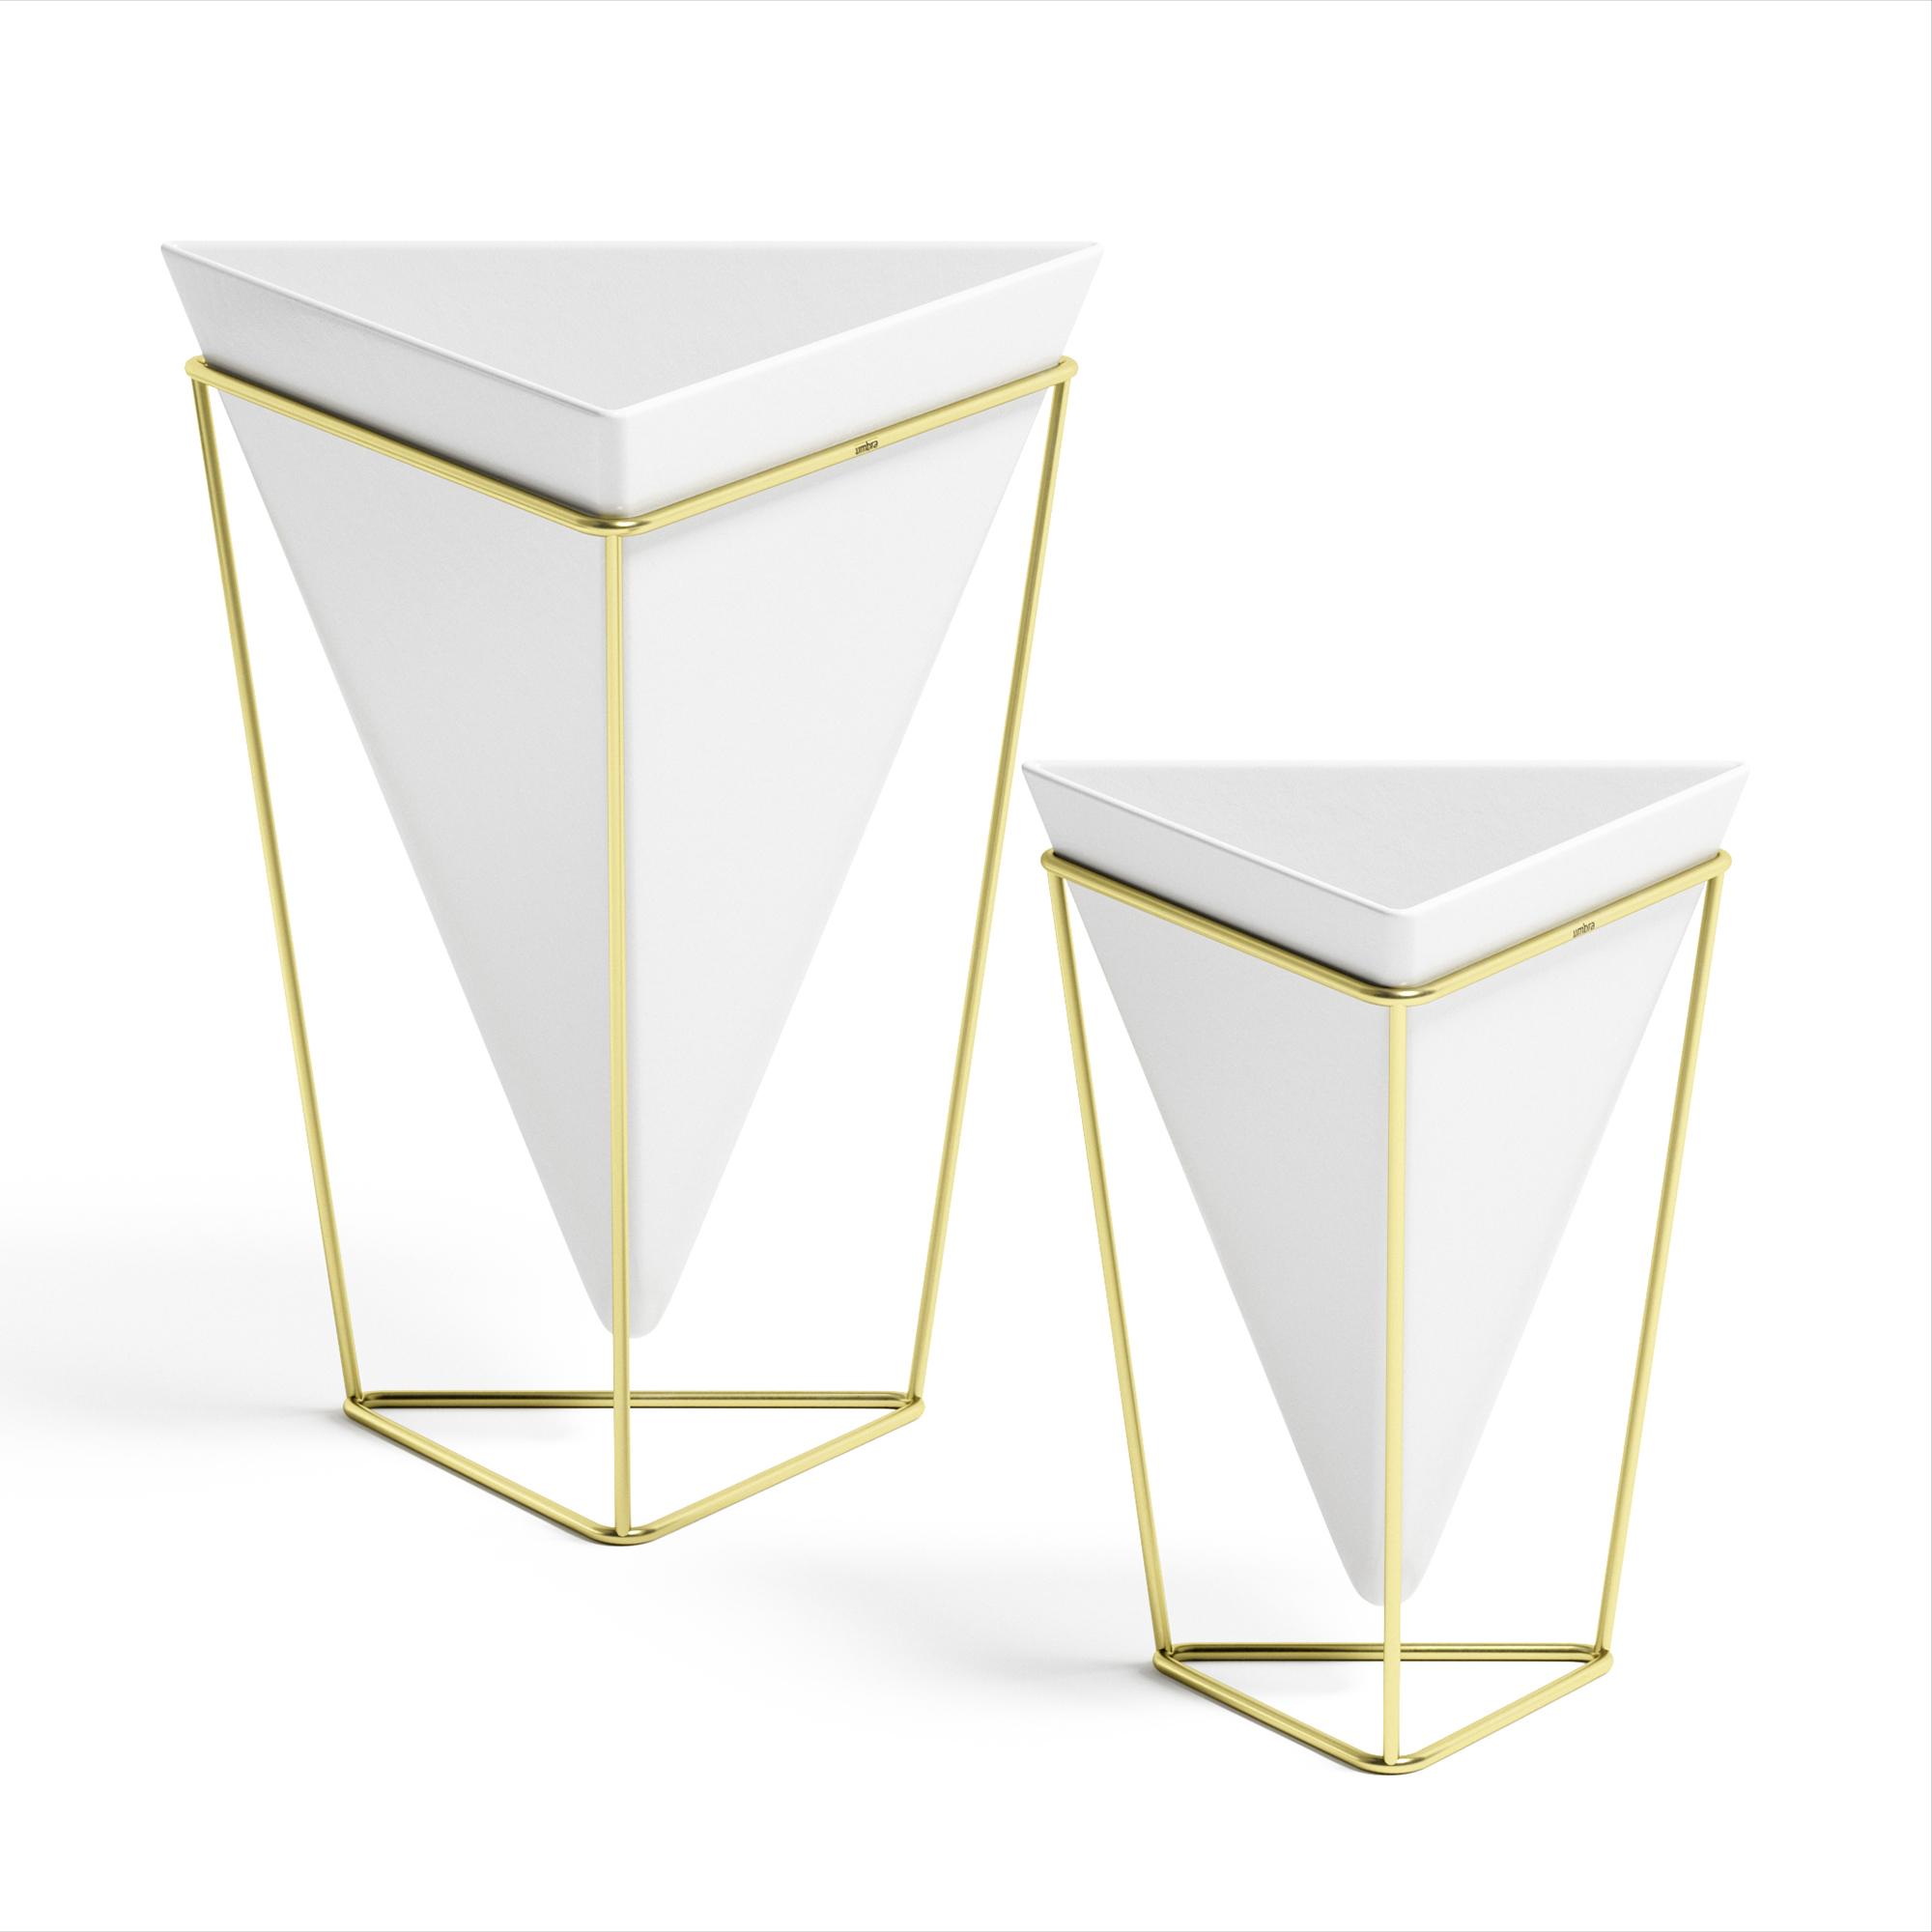 lot de 2 pots de fleurs ass. à poser, céramique blanc et doré